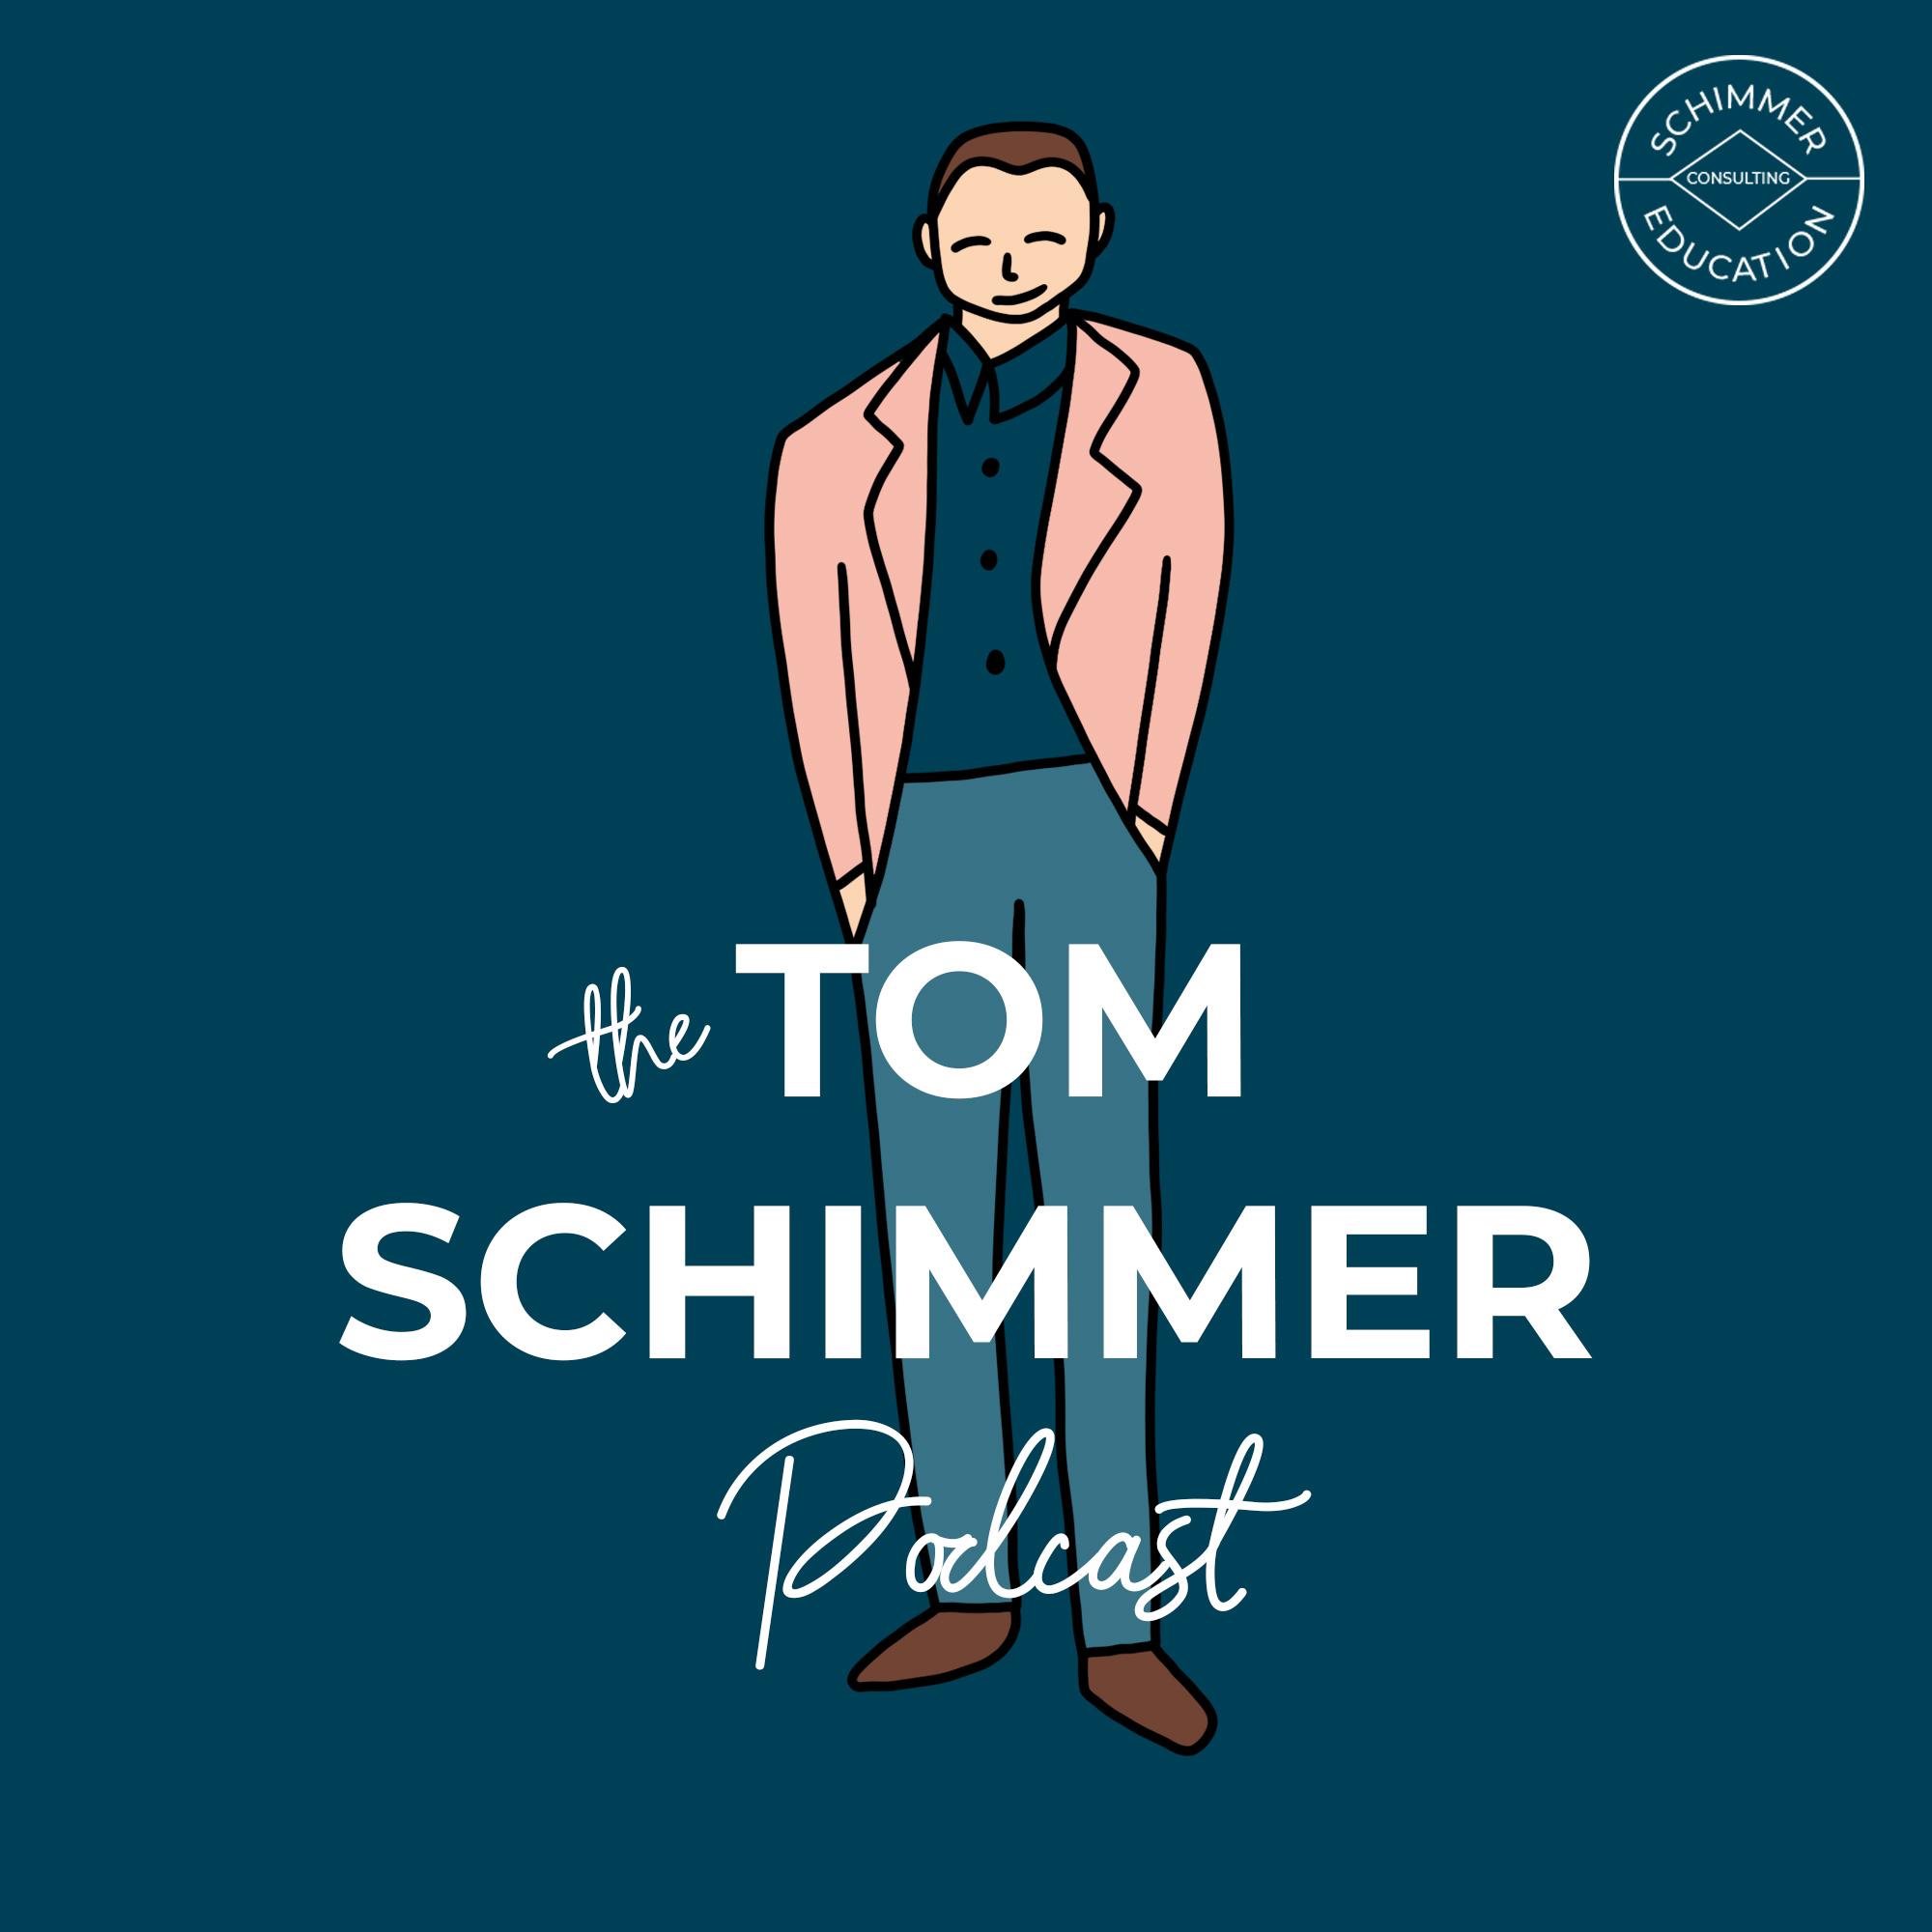 Tom Schimmer Podcast, Teach Better Podcast network. Joshua Stamper